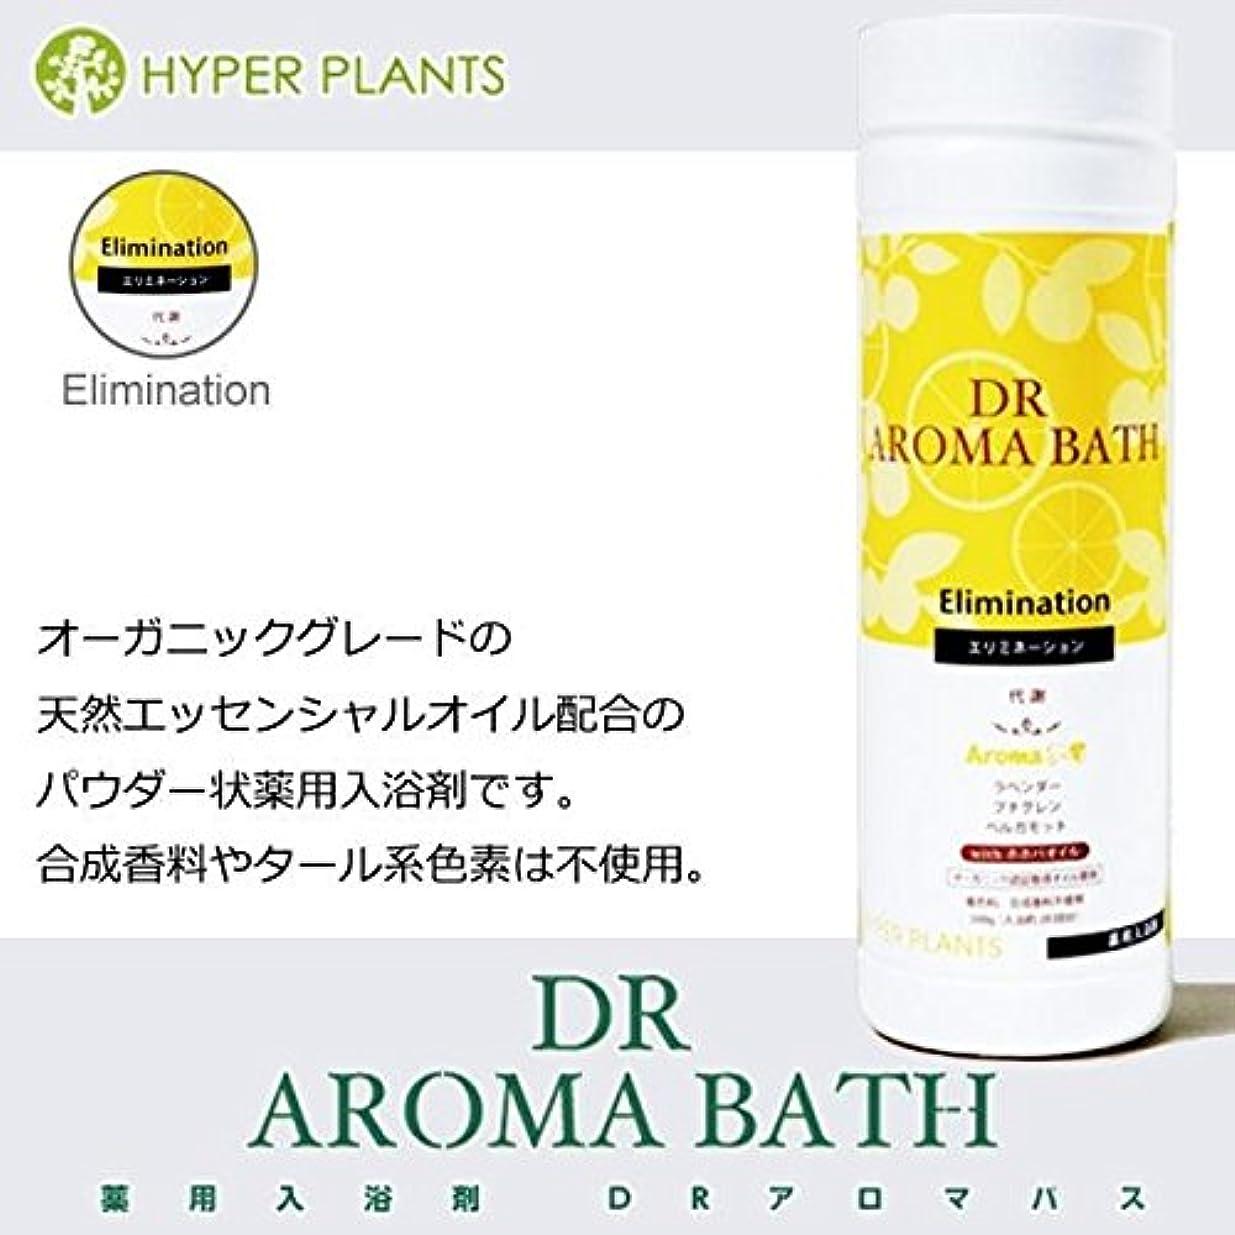 オレンジ解釈的解釈的医薬部外品 薬用入浴剤 ハイパープランツ(HYPER PLANTS) DRアロマバス エリミネーション 500g HNB006